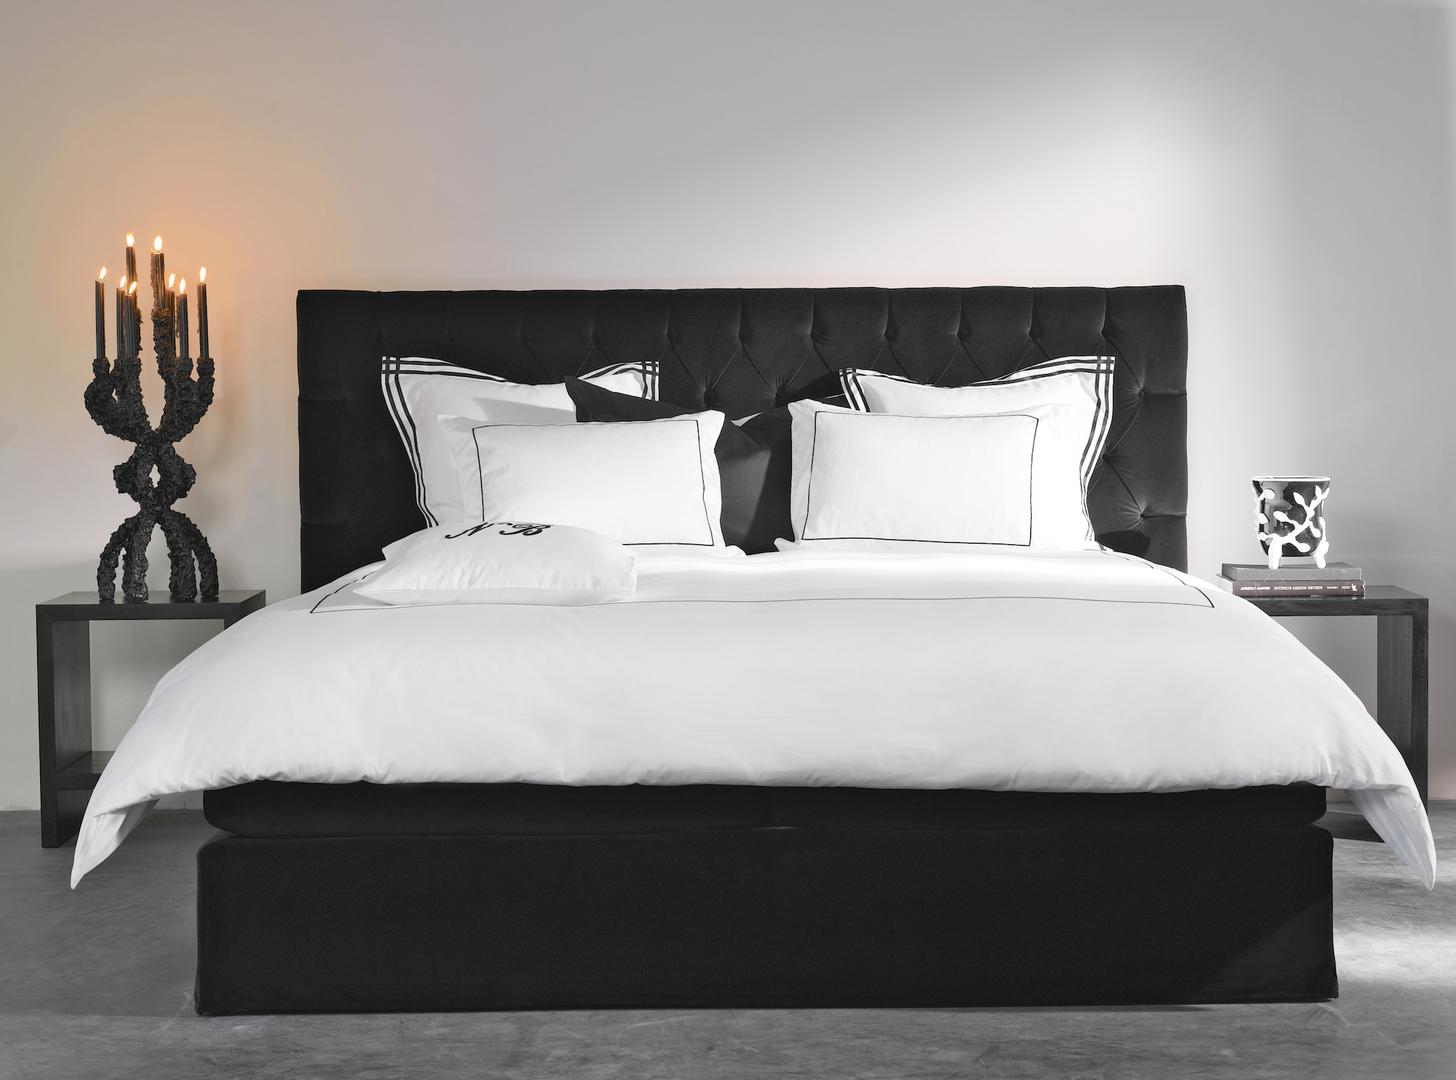 Nilson Beds - Capiton velvet black.jpg